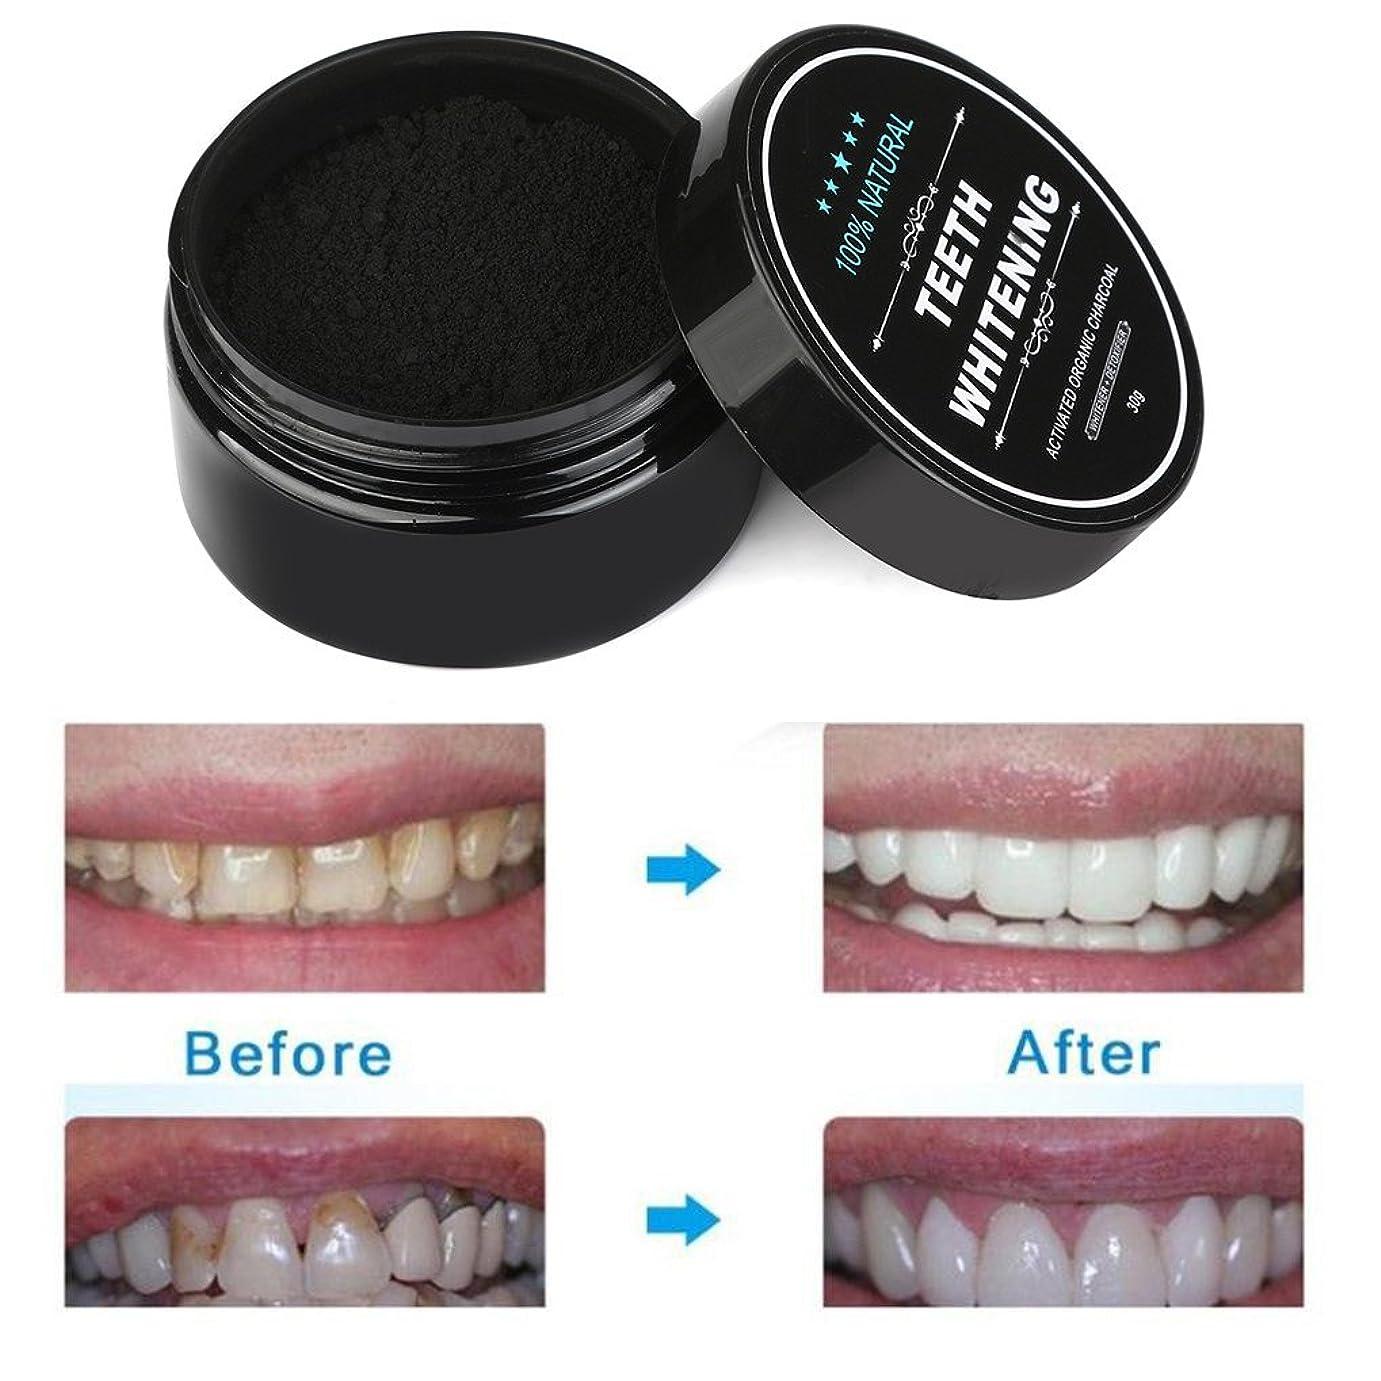 アドバイス流行している助けになるSakuraBest 歯のホワイトニングパウダー天然有機活性化 炭竹の歯磨き粉